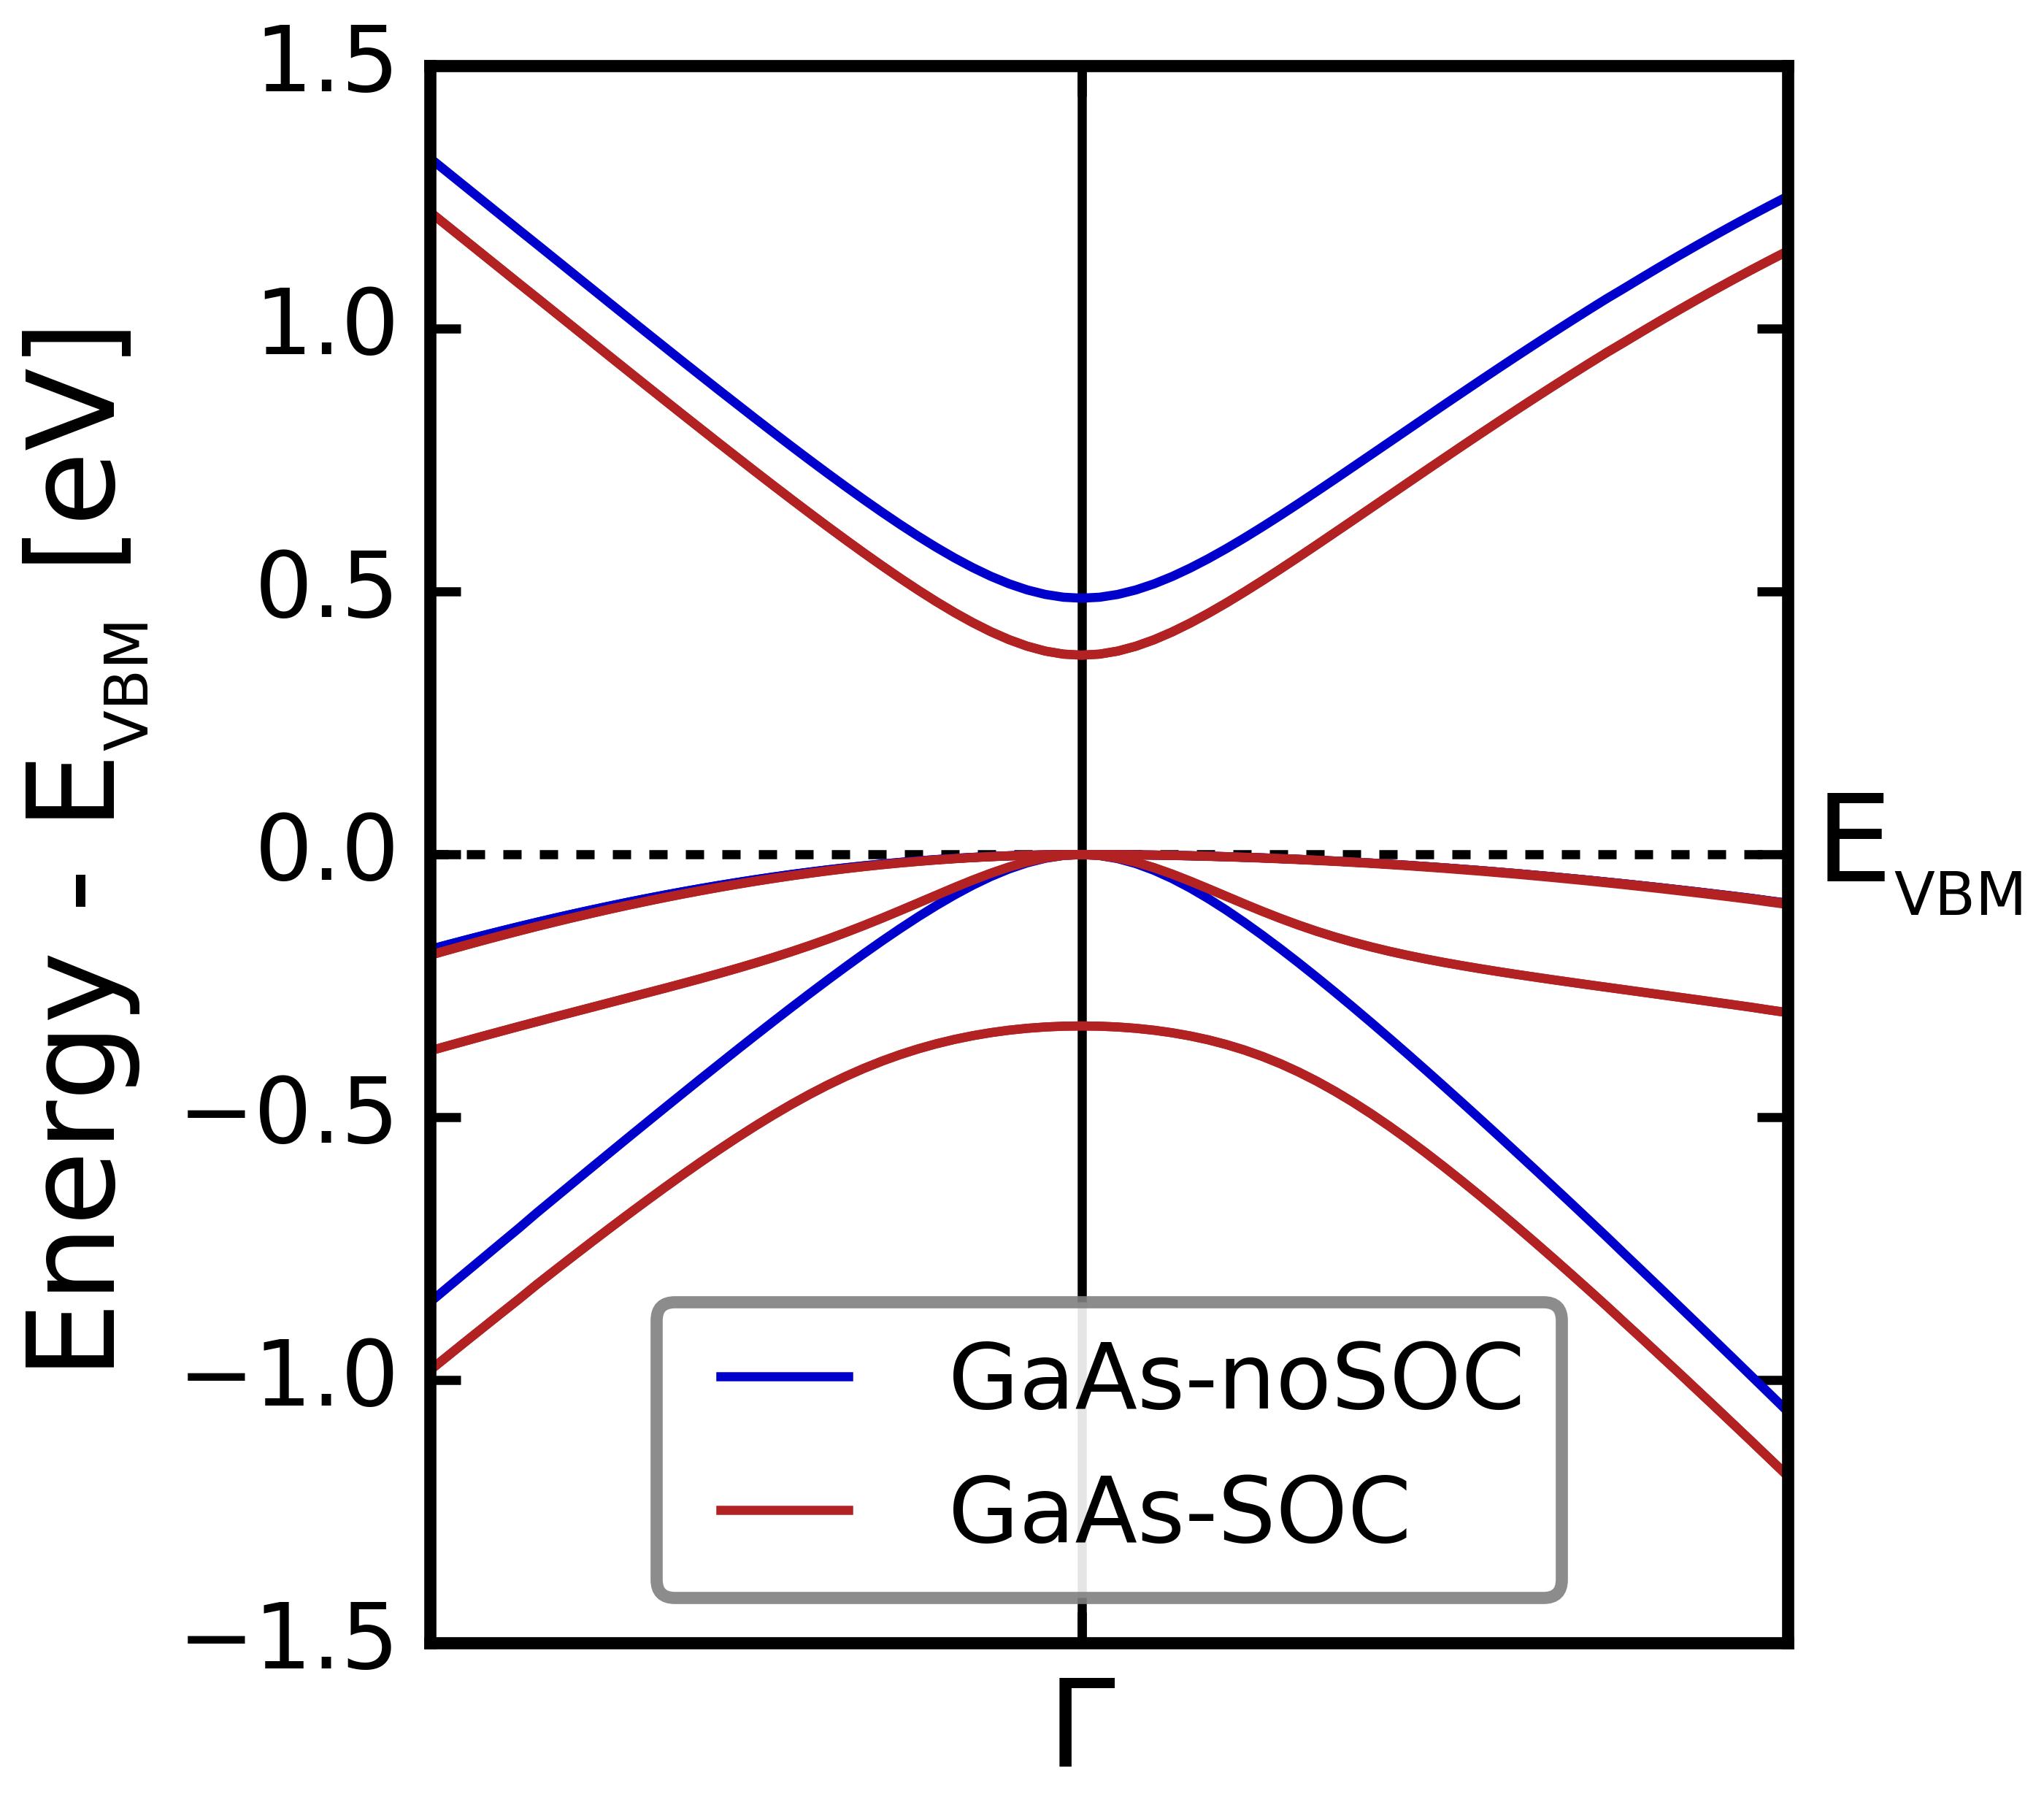 gaas-noSOC+SOC-enlarged.png